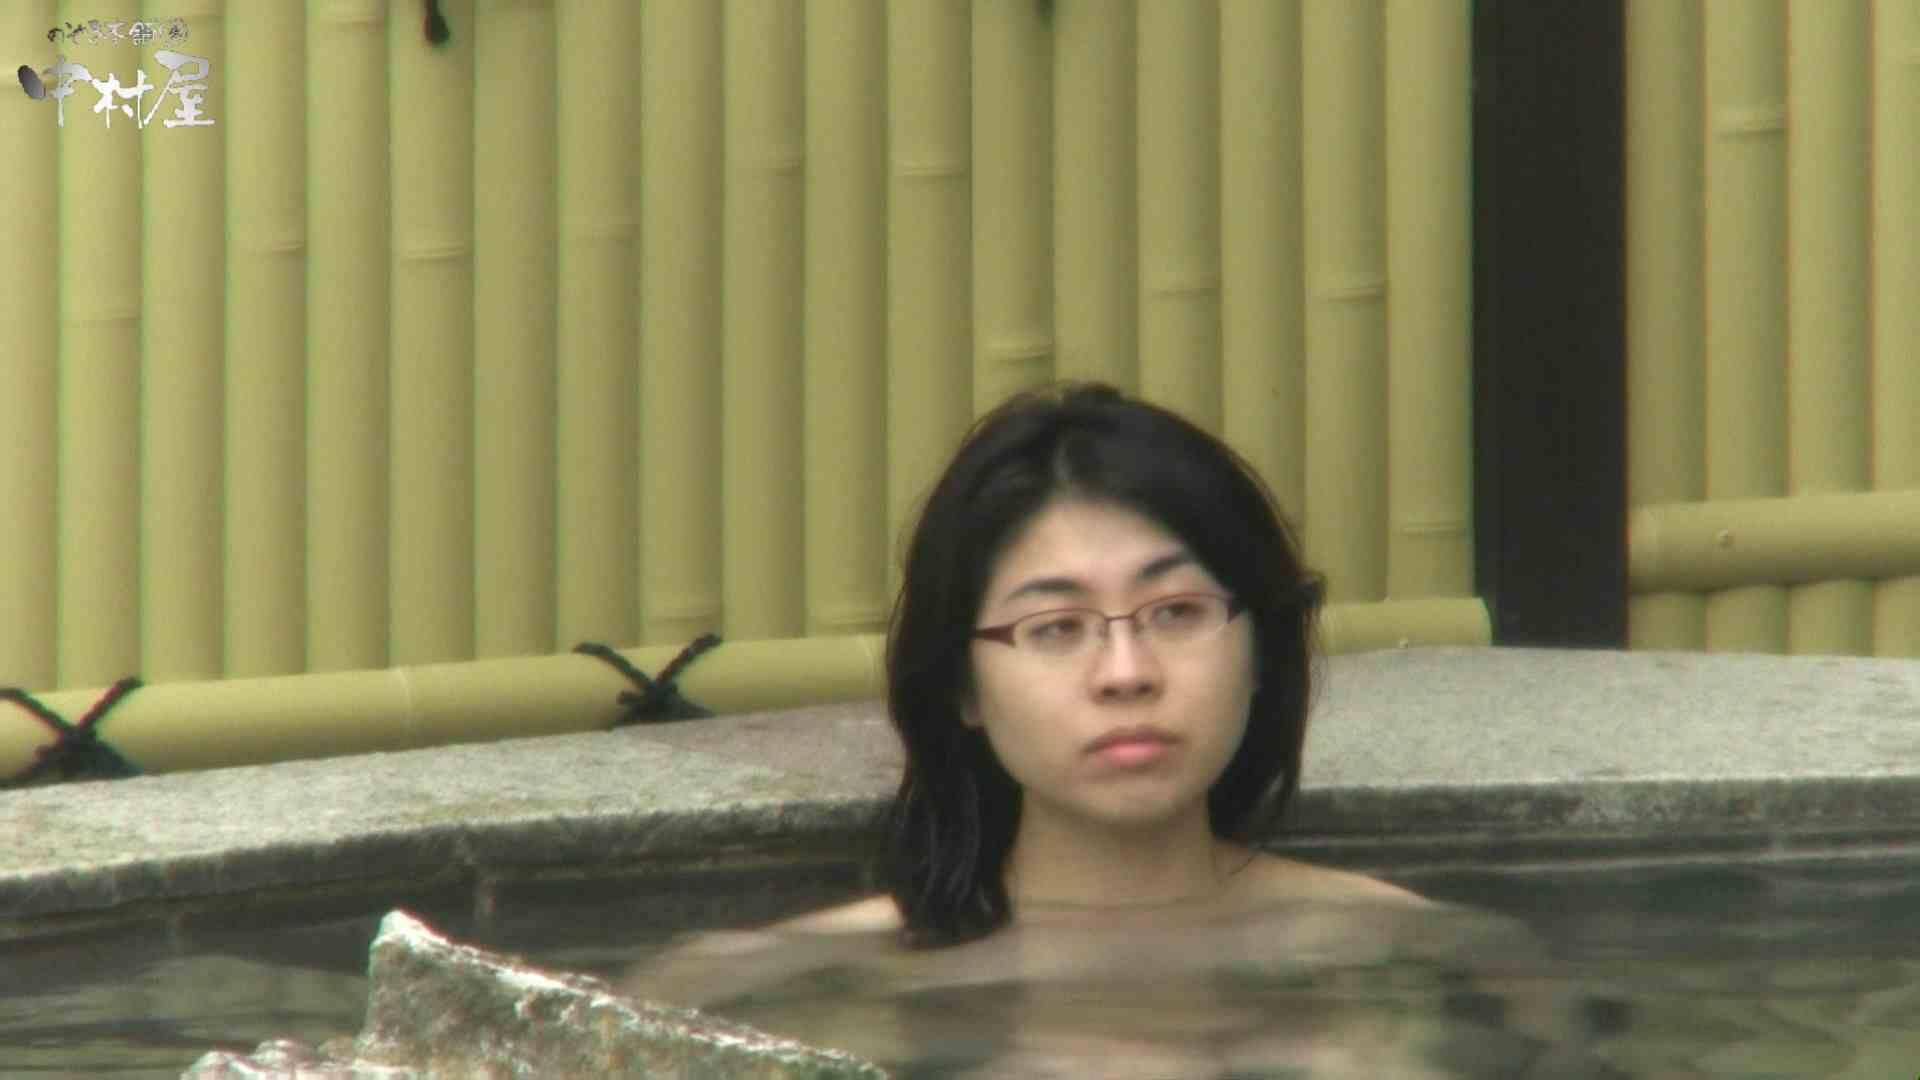 Aquaな露天風呂Vol.947 露天  111枚 33